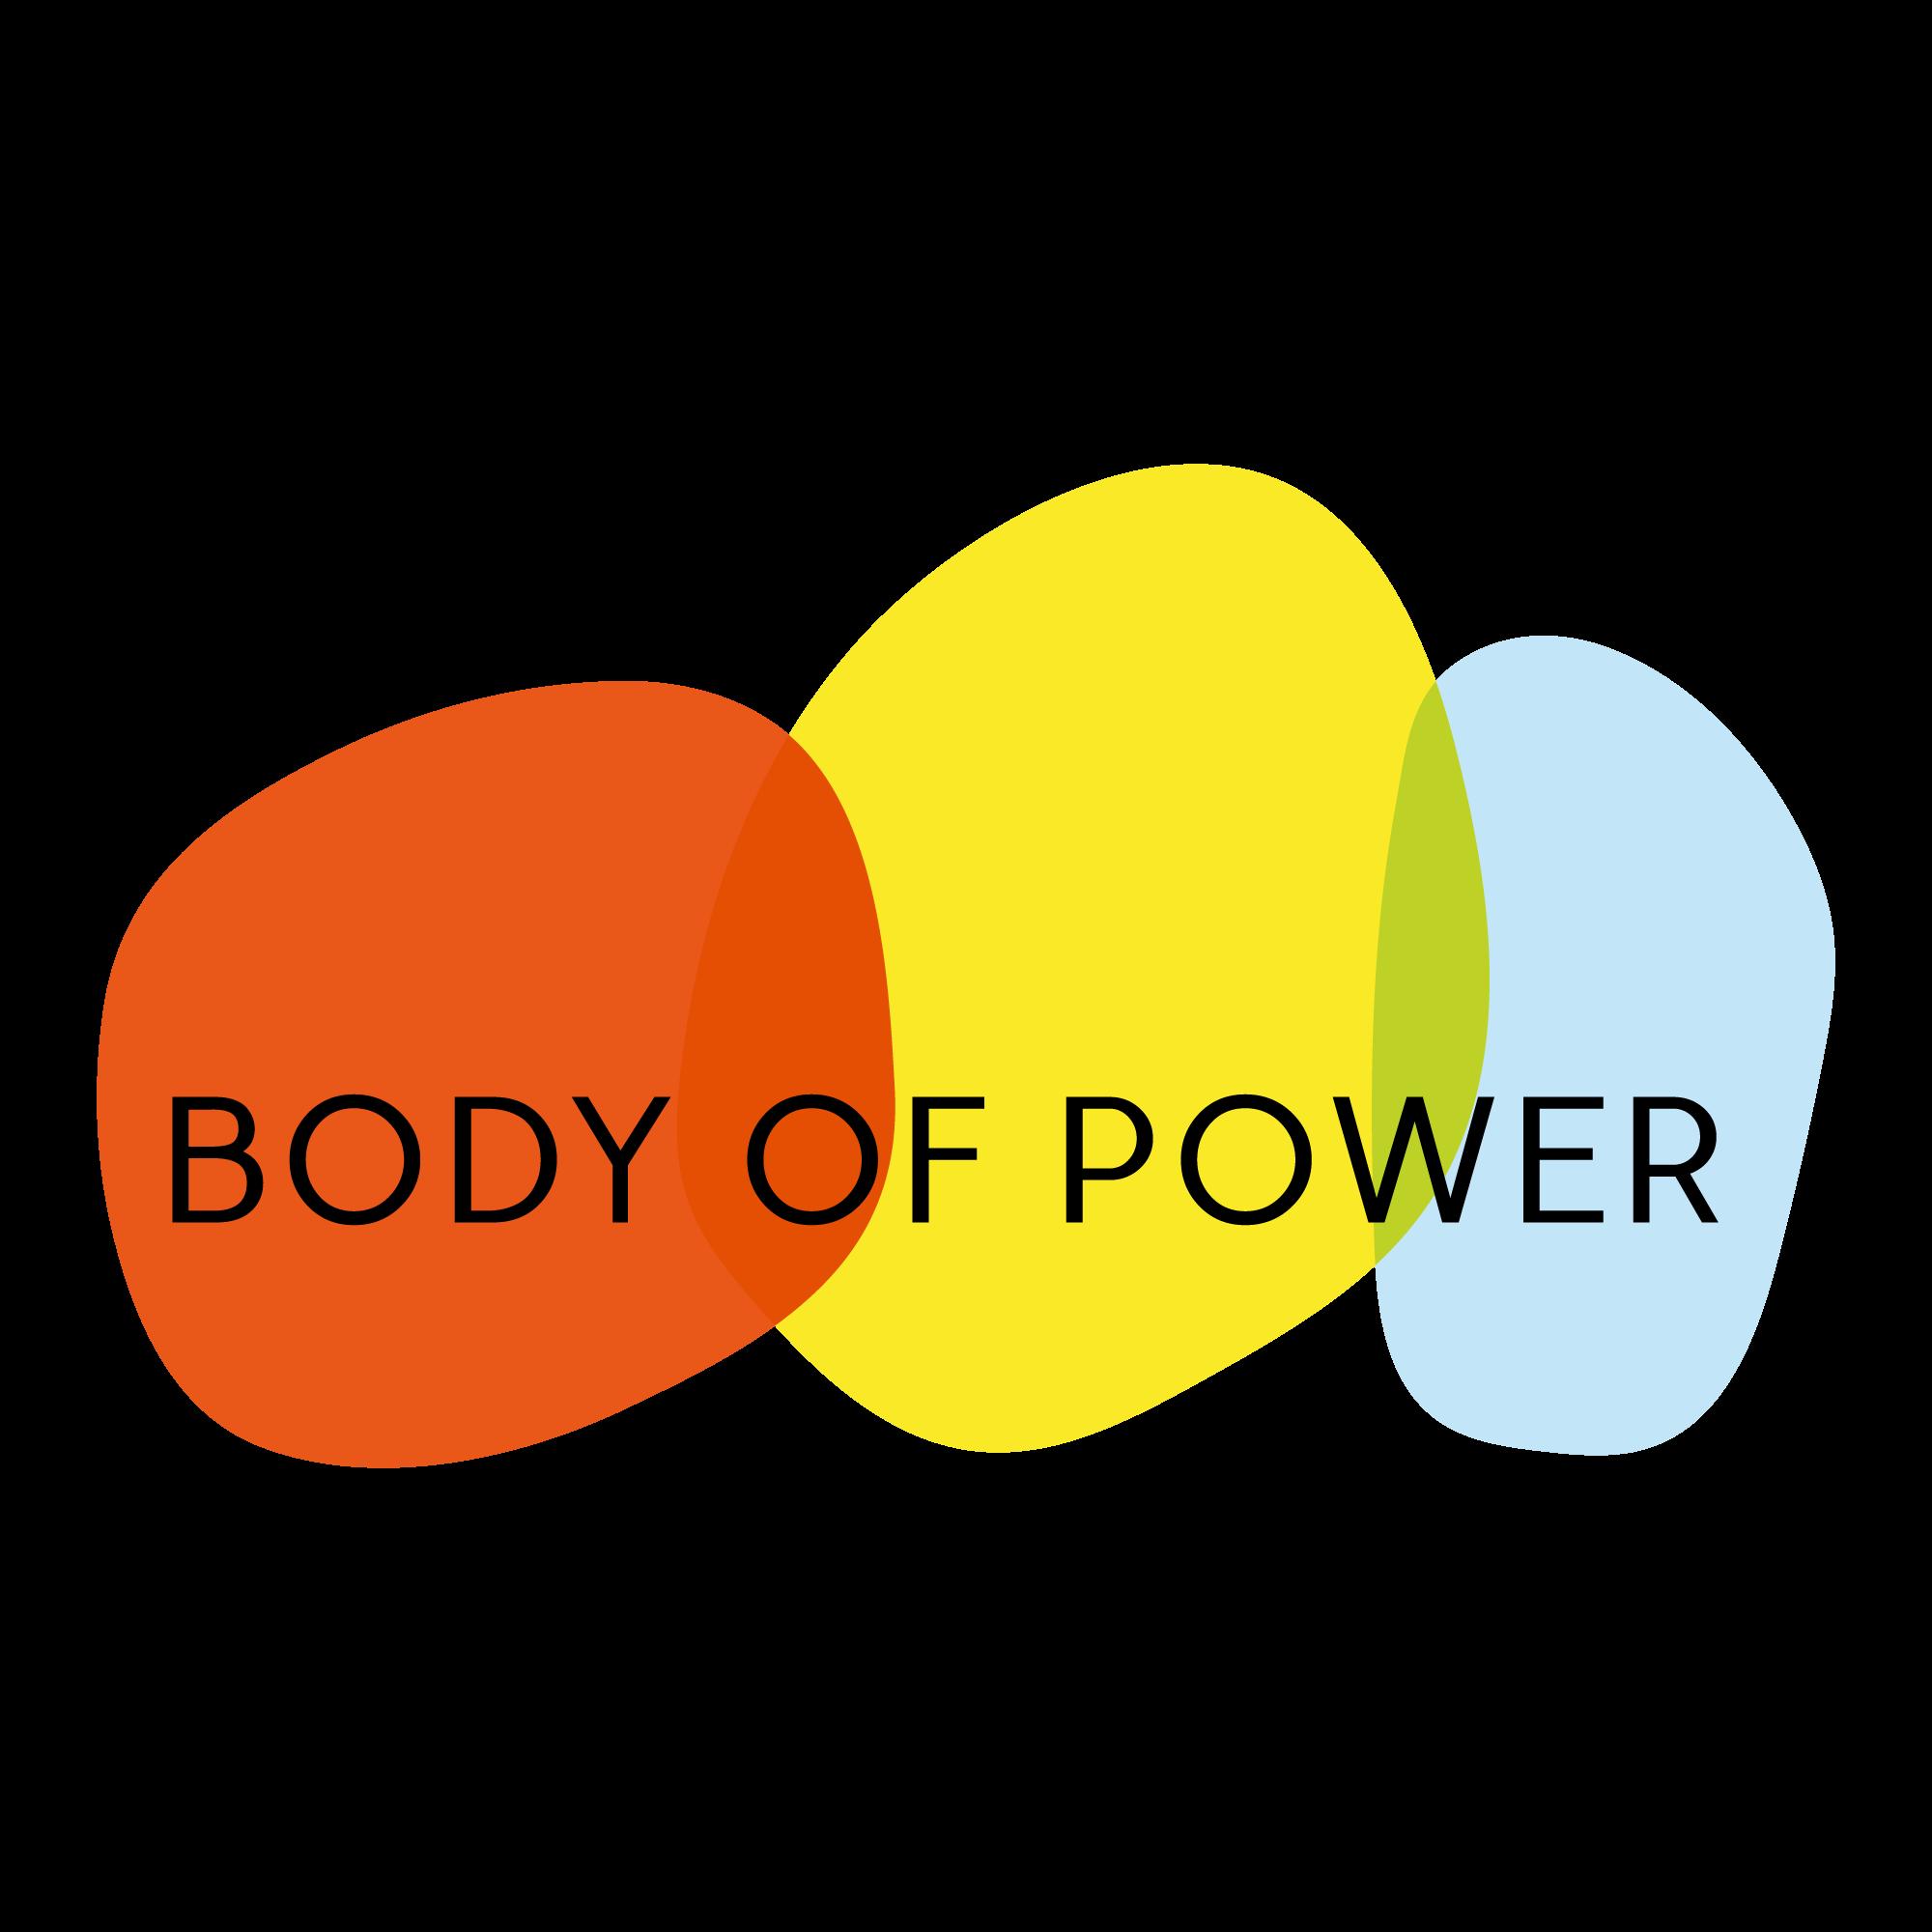 Logo Body of Power rot gelb blau